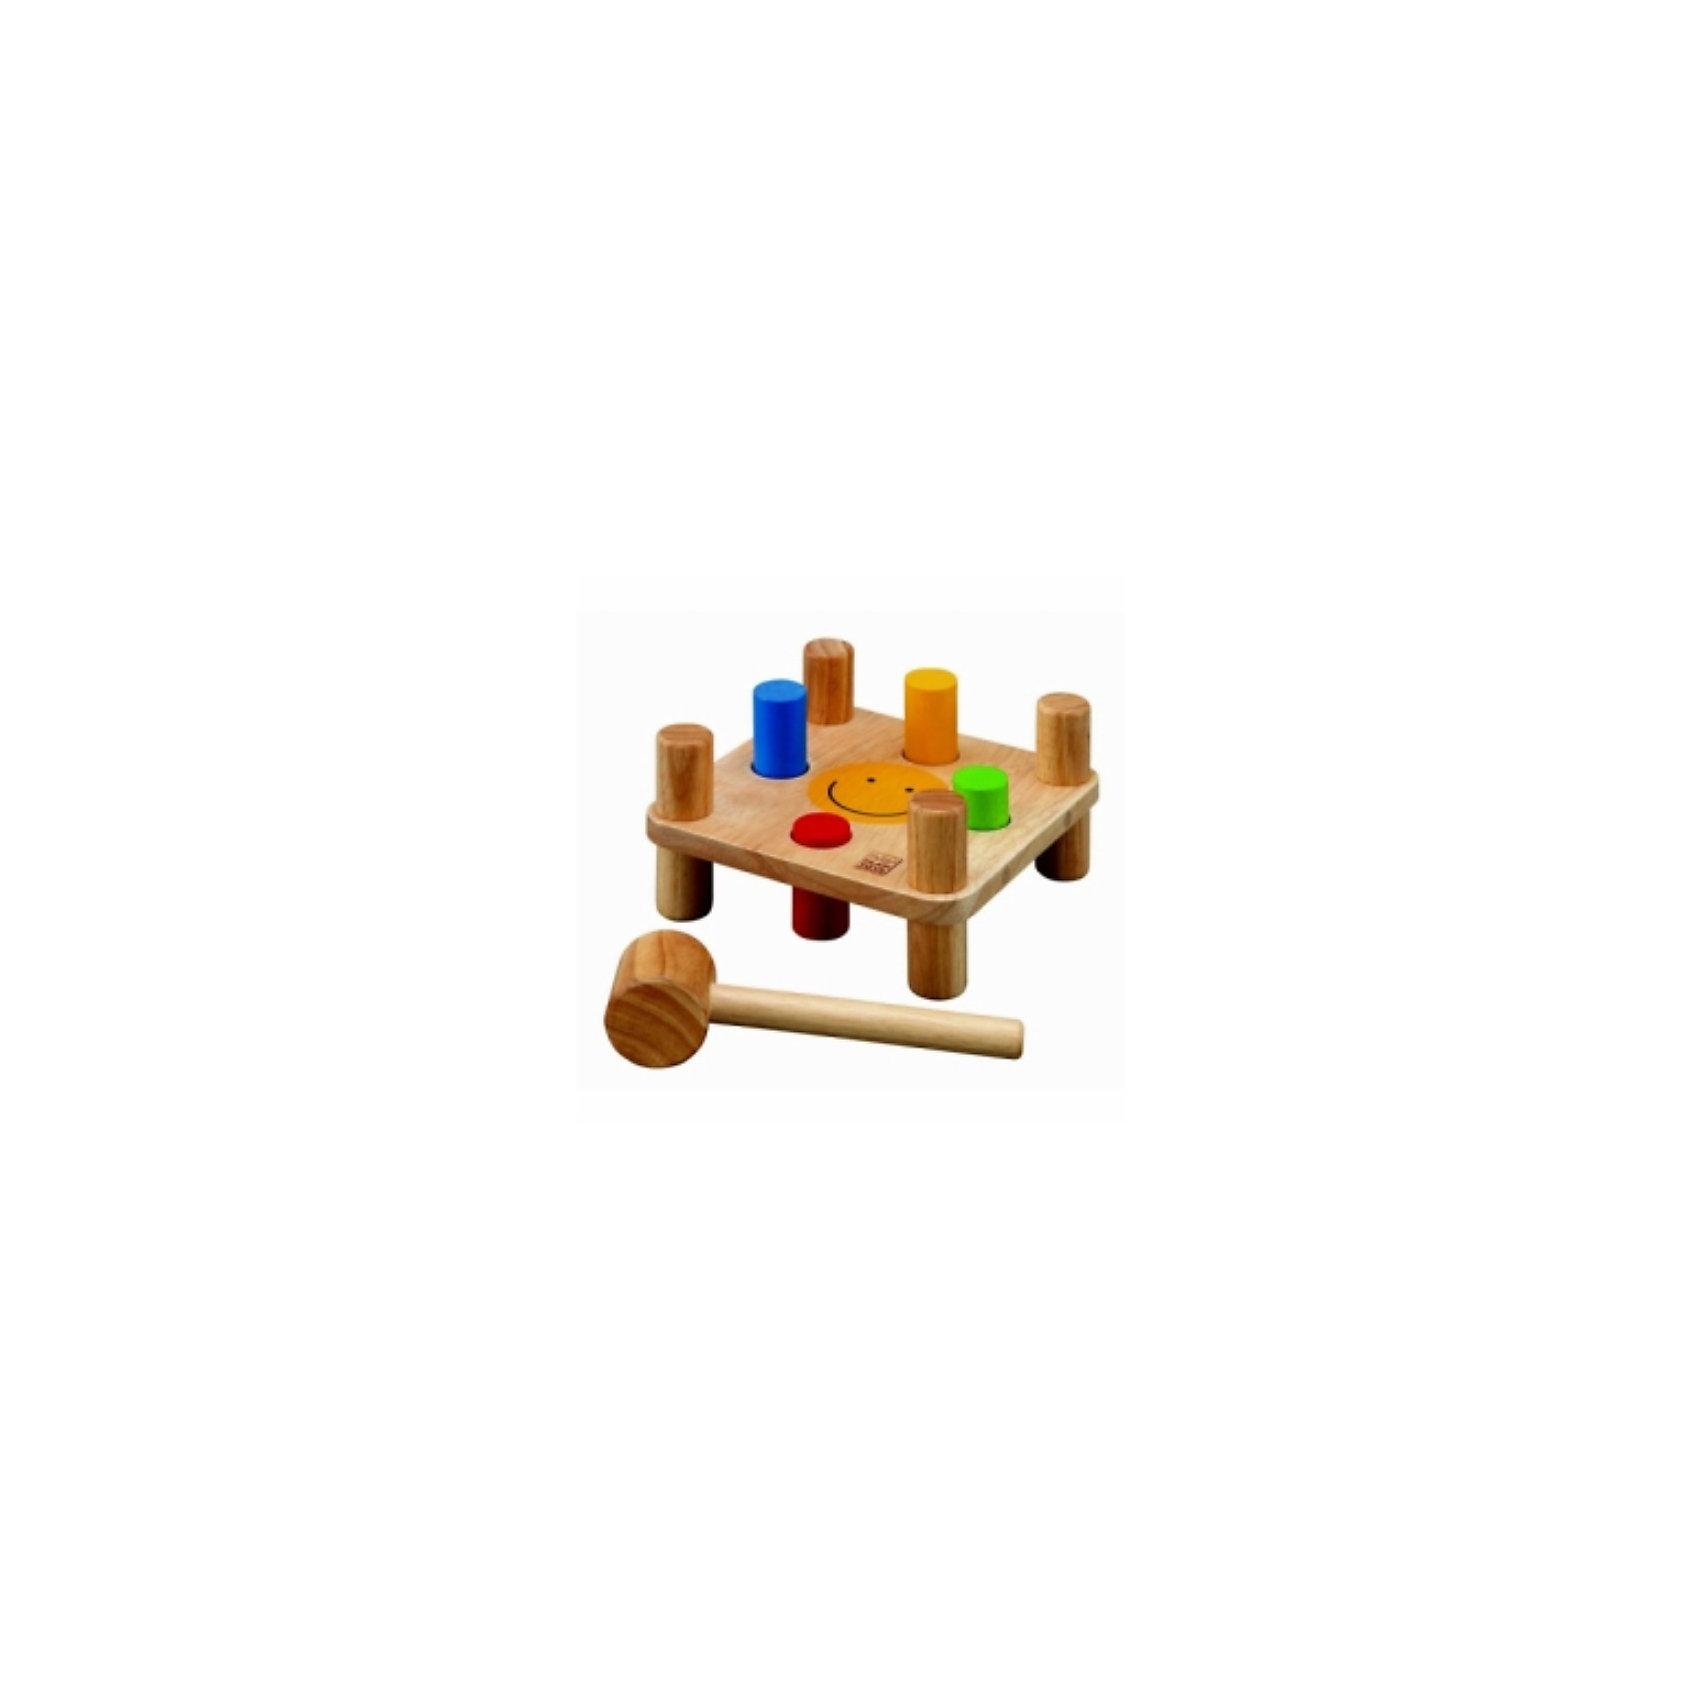 Plan Toys PLAN TOYS 5126 Забивалка ходунки plan toys ходилка птица